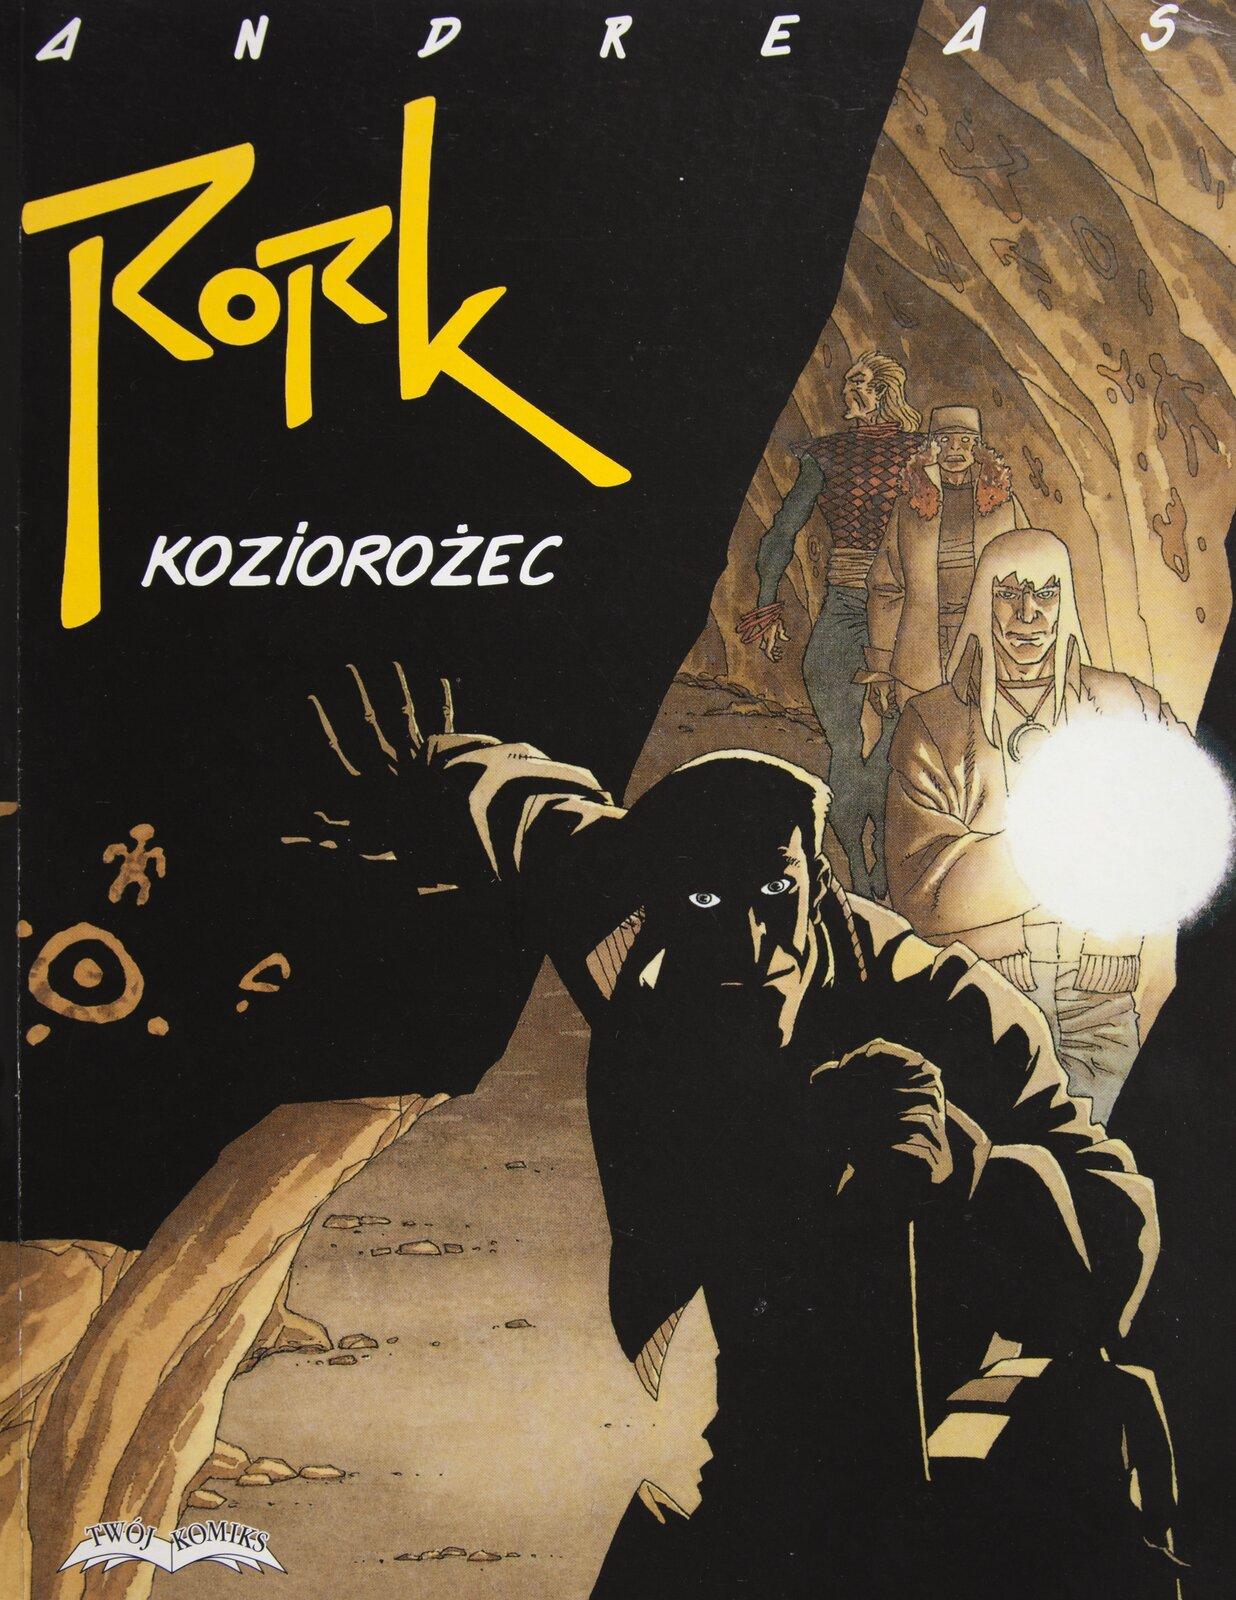 """Ilustracja przedstawia okładkę do komiksu Andreasa """"Rork. Koziorożec"""". Ukazuje grupę osób przemierzających podziemny korytarz jaskini. Postać na pierwszym planie ukryta jest wciemności. Światło pada na mężczyznę ztyłu, rozświetlając jedynie fragmenty ubrania itwarzy. Prawą ręką daje znak do zatrzymania się osób idących za nim. Przestrzeń wtle jest oświetlona lampą przez jedną ztrzech idących dalej osób. Trzy te postacie idą jedna za drugą. Mężczyzna na końcu rozgląda się. Lewa strona okładki jest czarną, zaciemnioną częścią skały. Znajdują się na niej namalowane znaki, apowyżej zostały zamieszczone: nazwisko autora itytuł komiksu."""